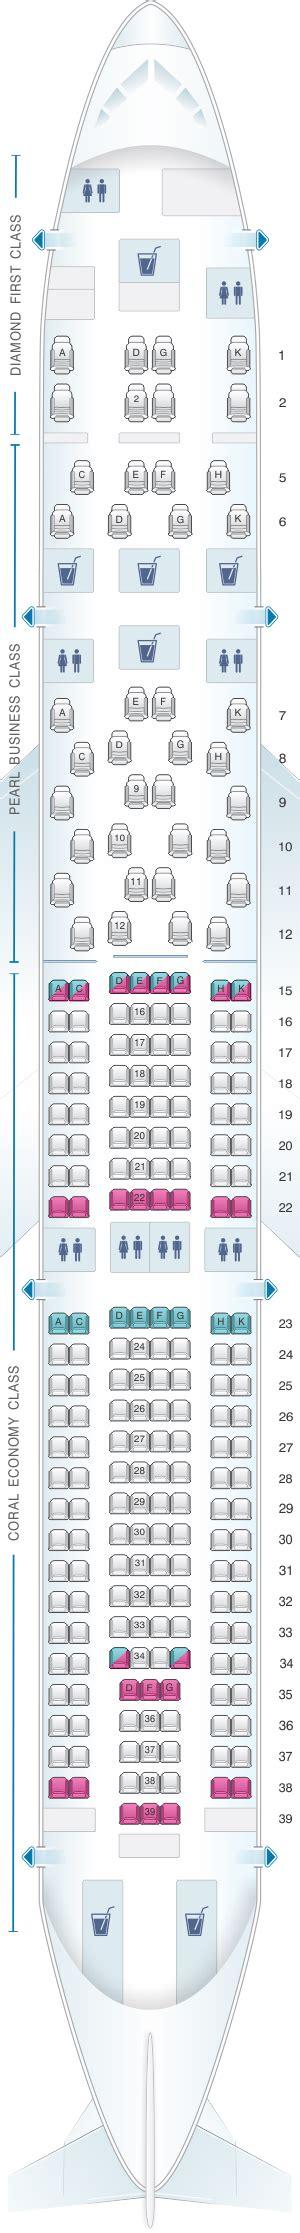 etihad airways seat map seat map etihad airways airbus a330 300 seatmaestro